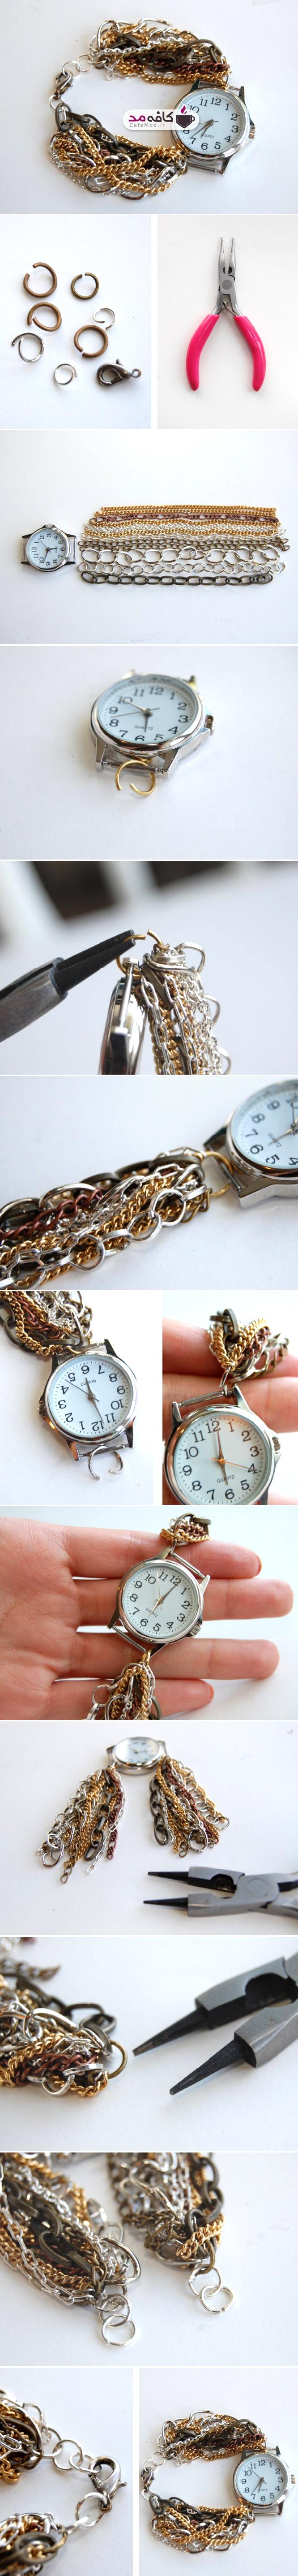 آموزش تصویری تزیین ساعت با زنجیر